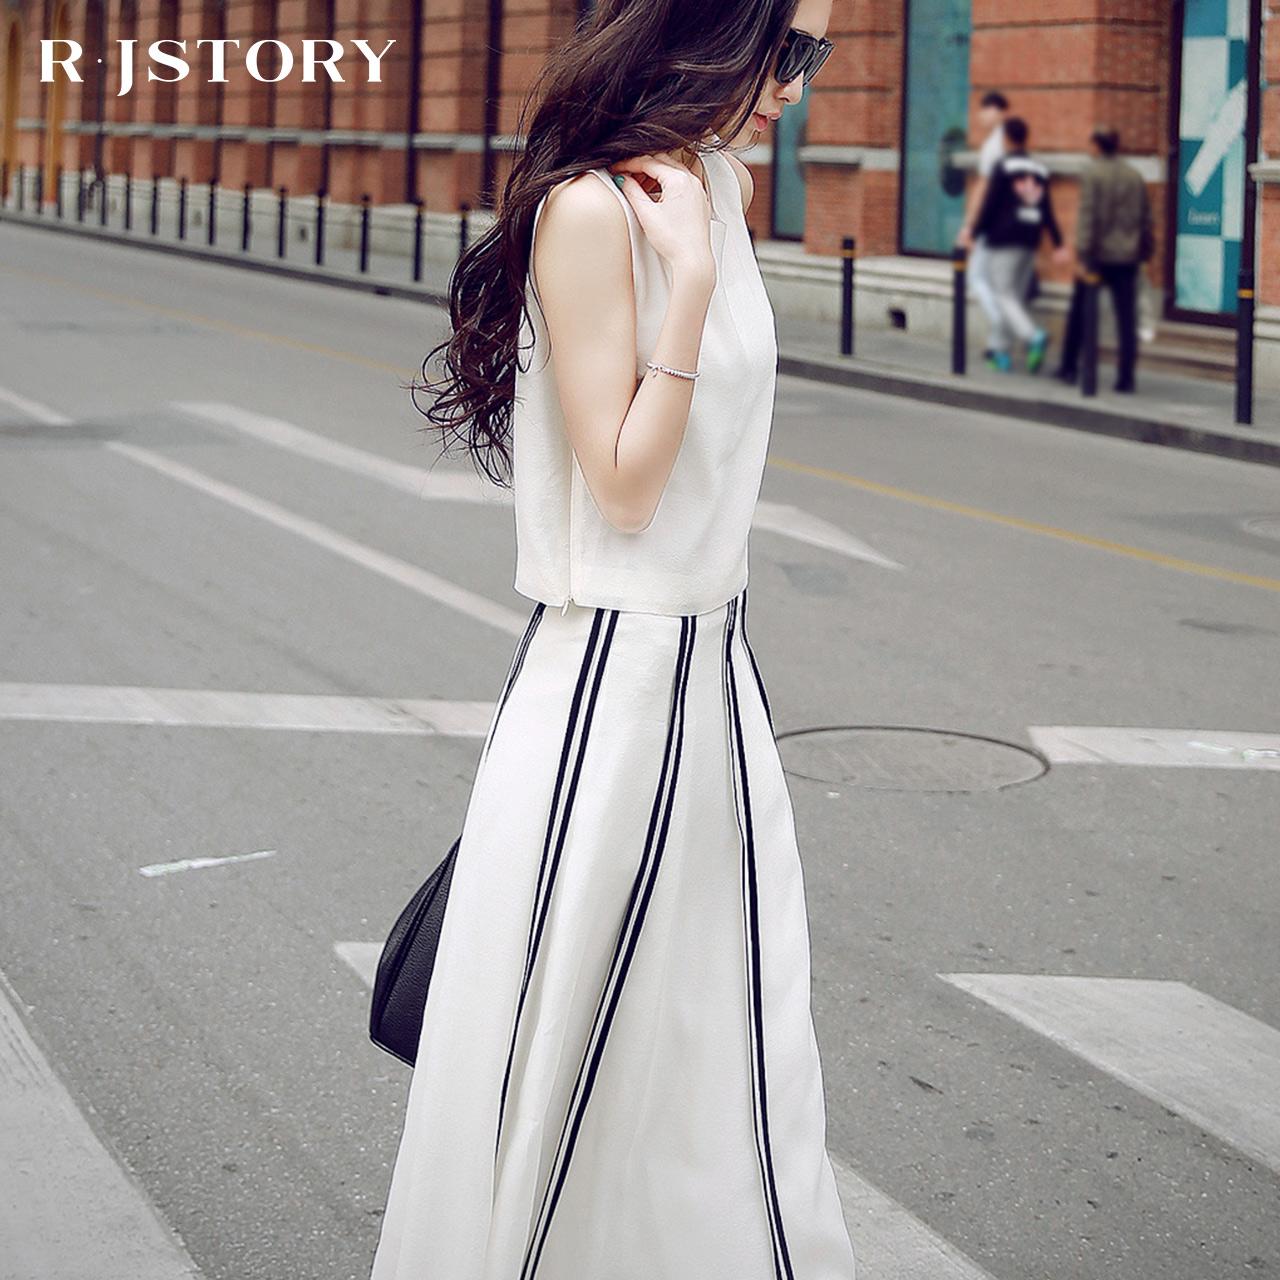 2017夏装新款韩版潮两件套中长款连衣裙女装春小香风时尚套装裙子